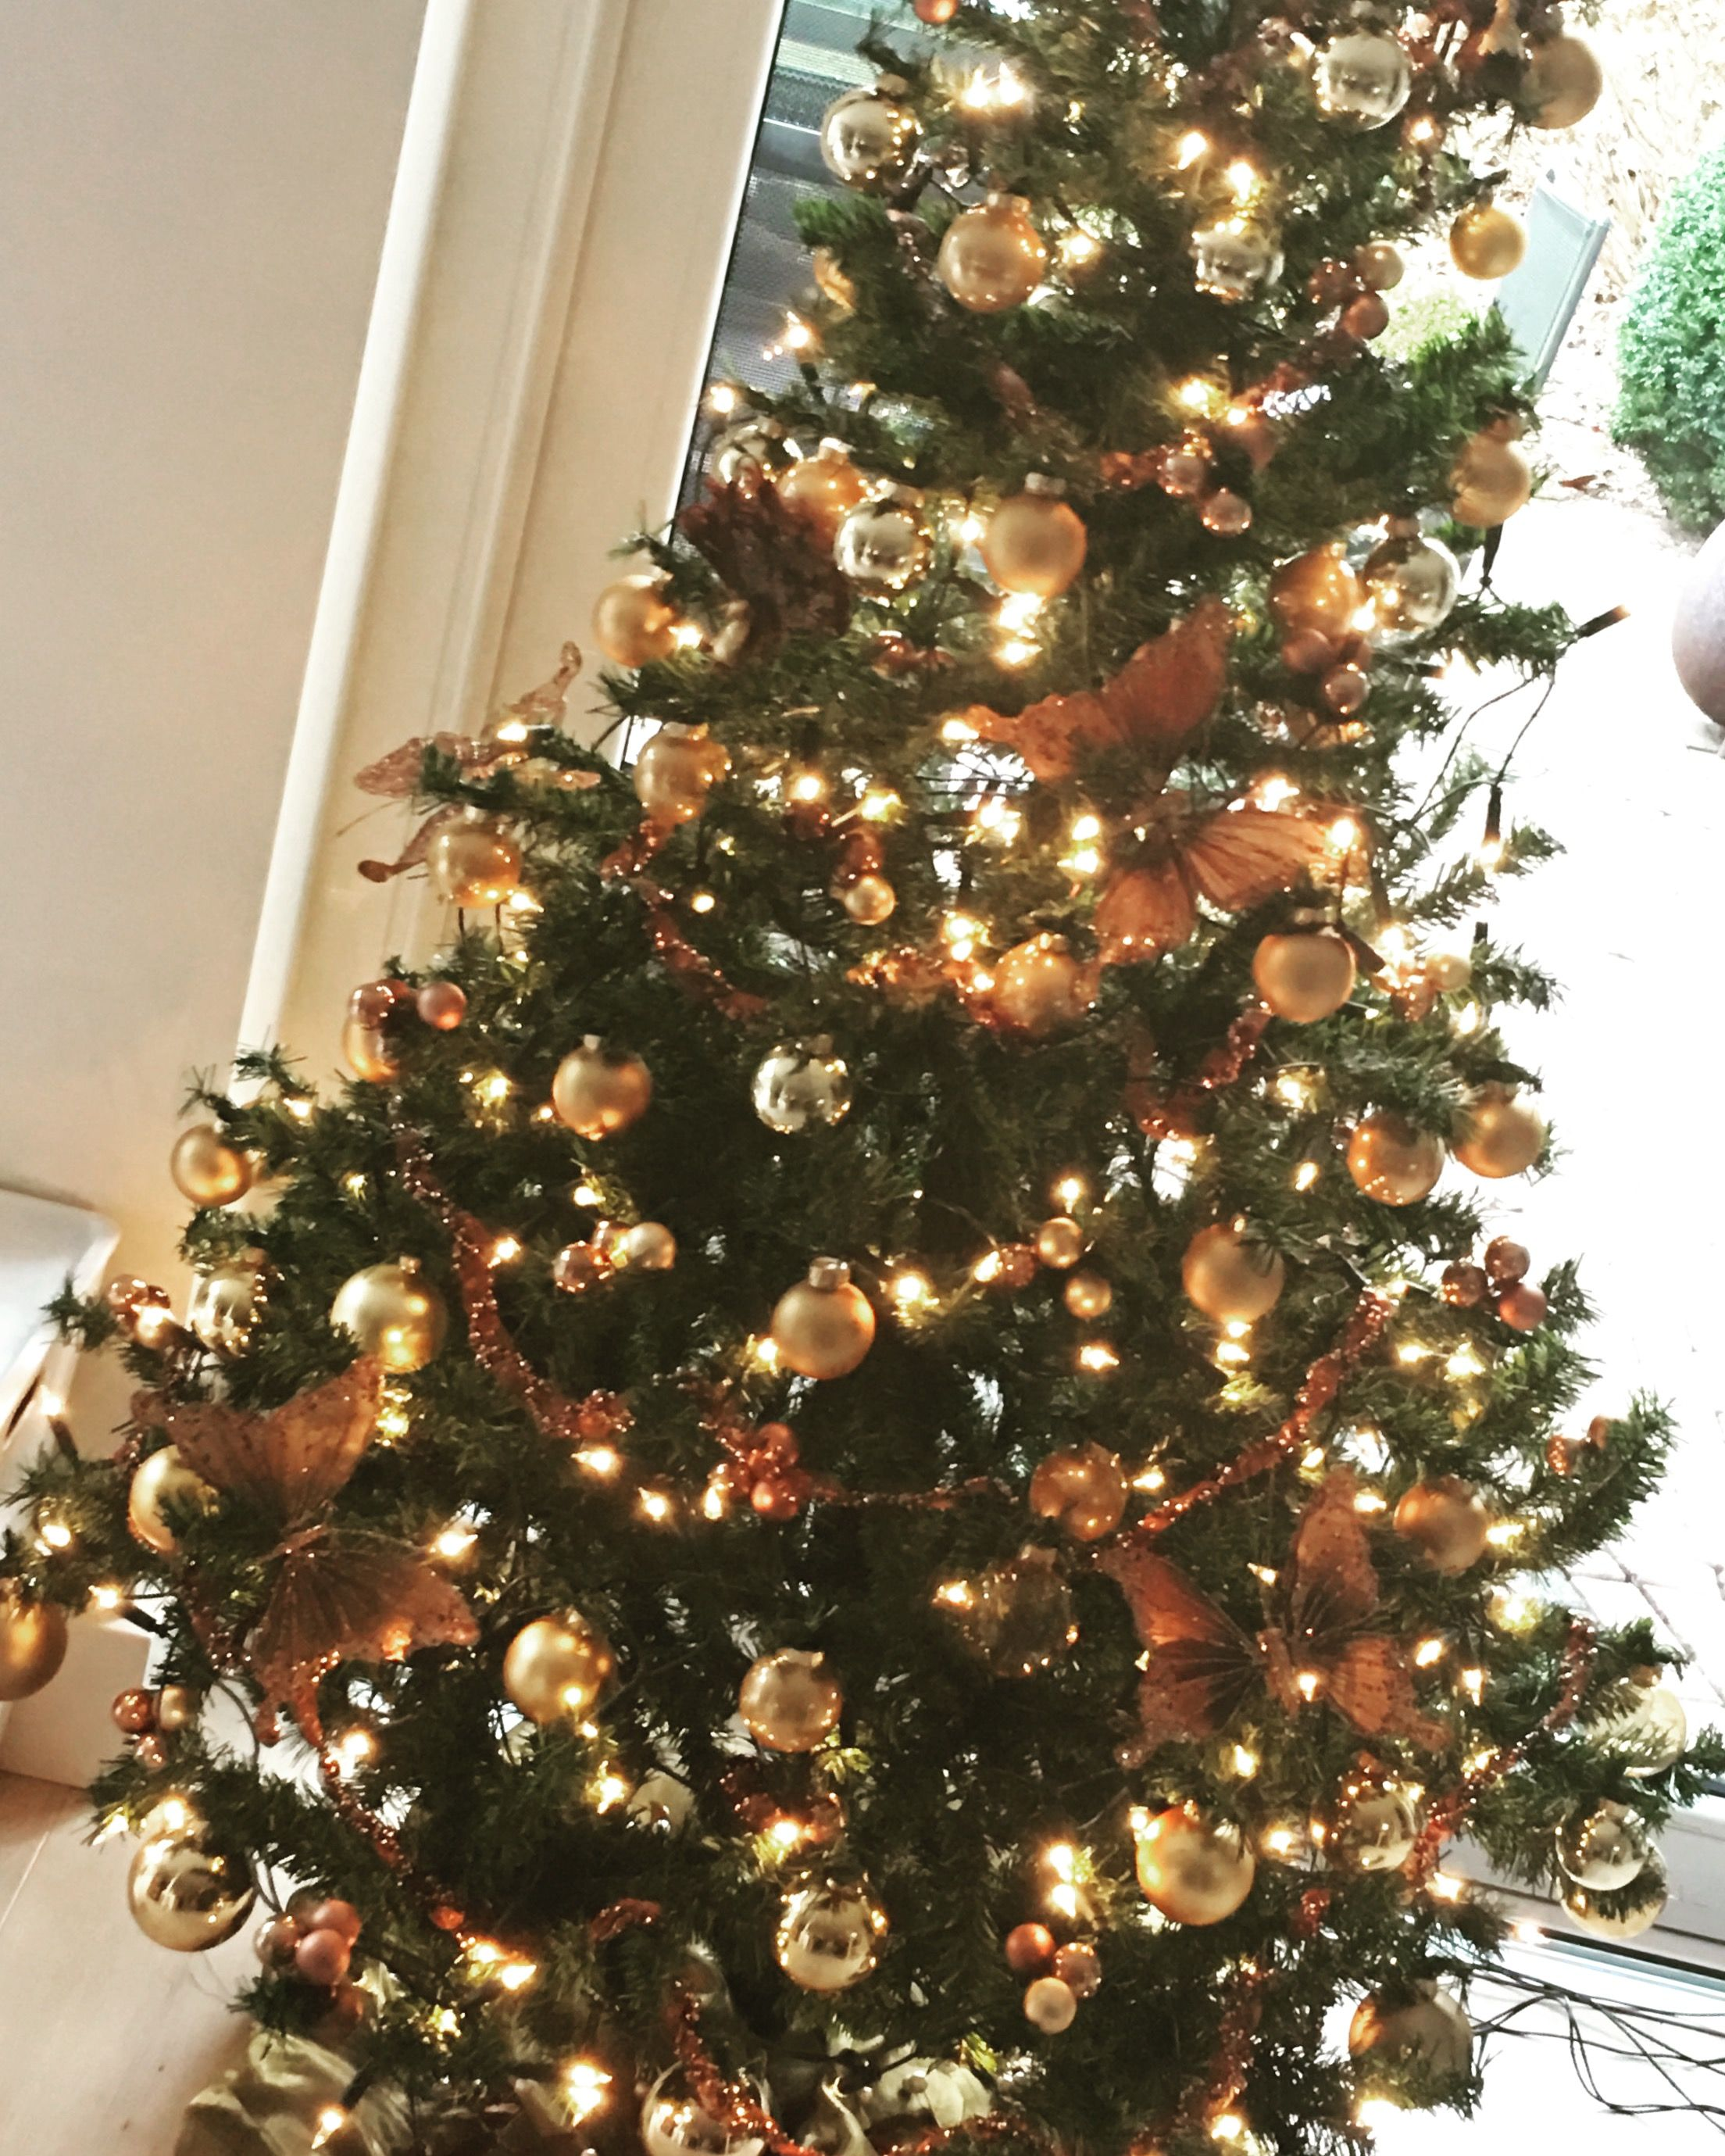 Kerst, takken, ballen, laat kerstmis maar komen. Met dank aan Pinterest eigen creatie #tevreden